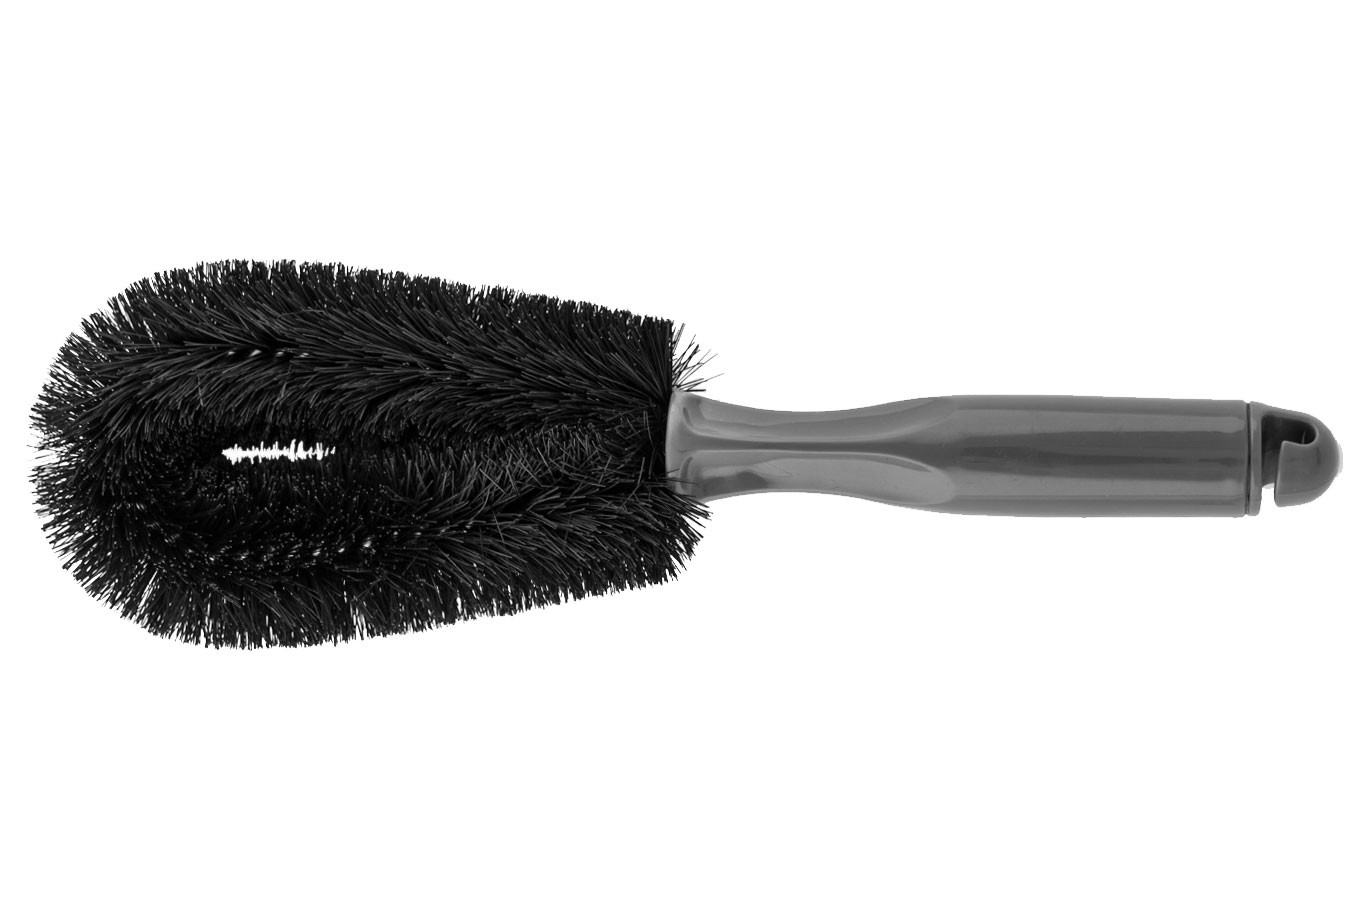 Jogo de 3 escovas para limpeza do quadro, transmissão e rodas - Absolute